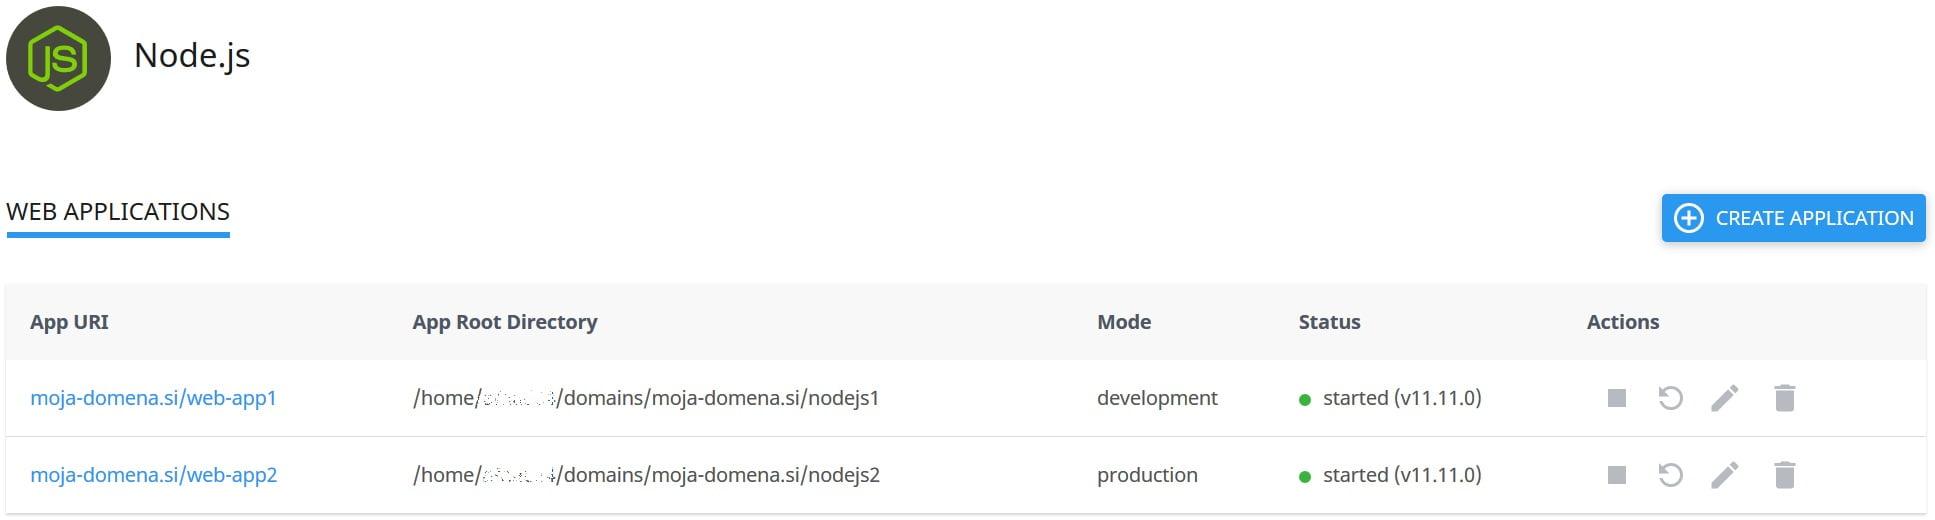 NodeJS (node.js) nodejs